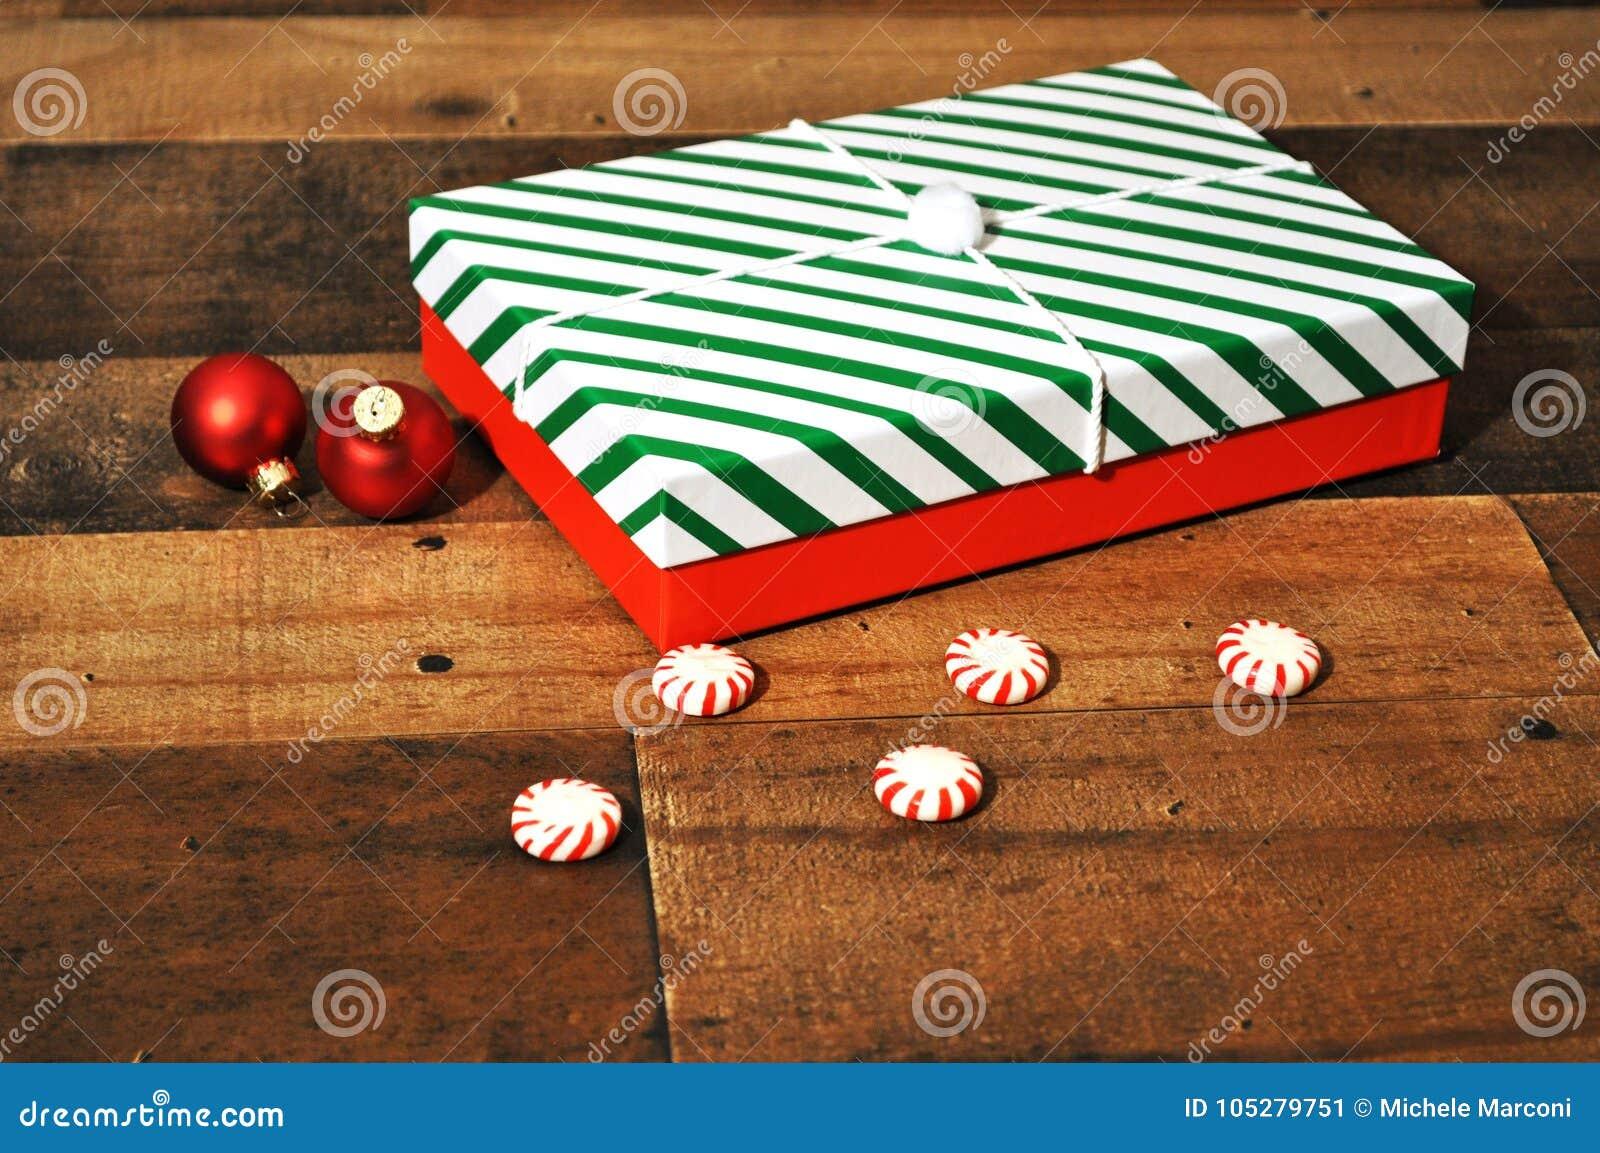 Regali di Natale avvolti in carta a strisce bianca e verde rossa di festa